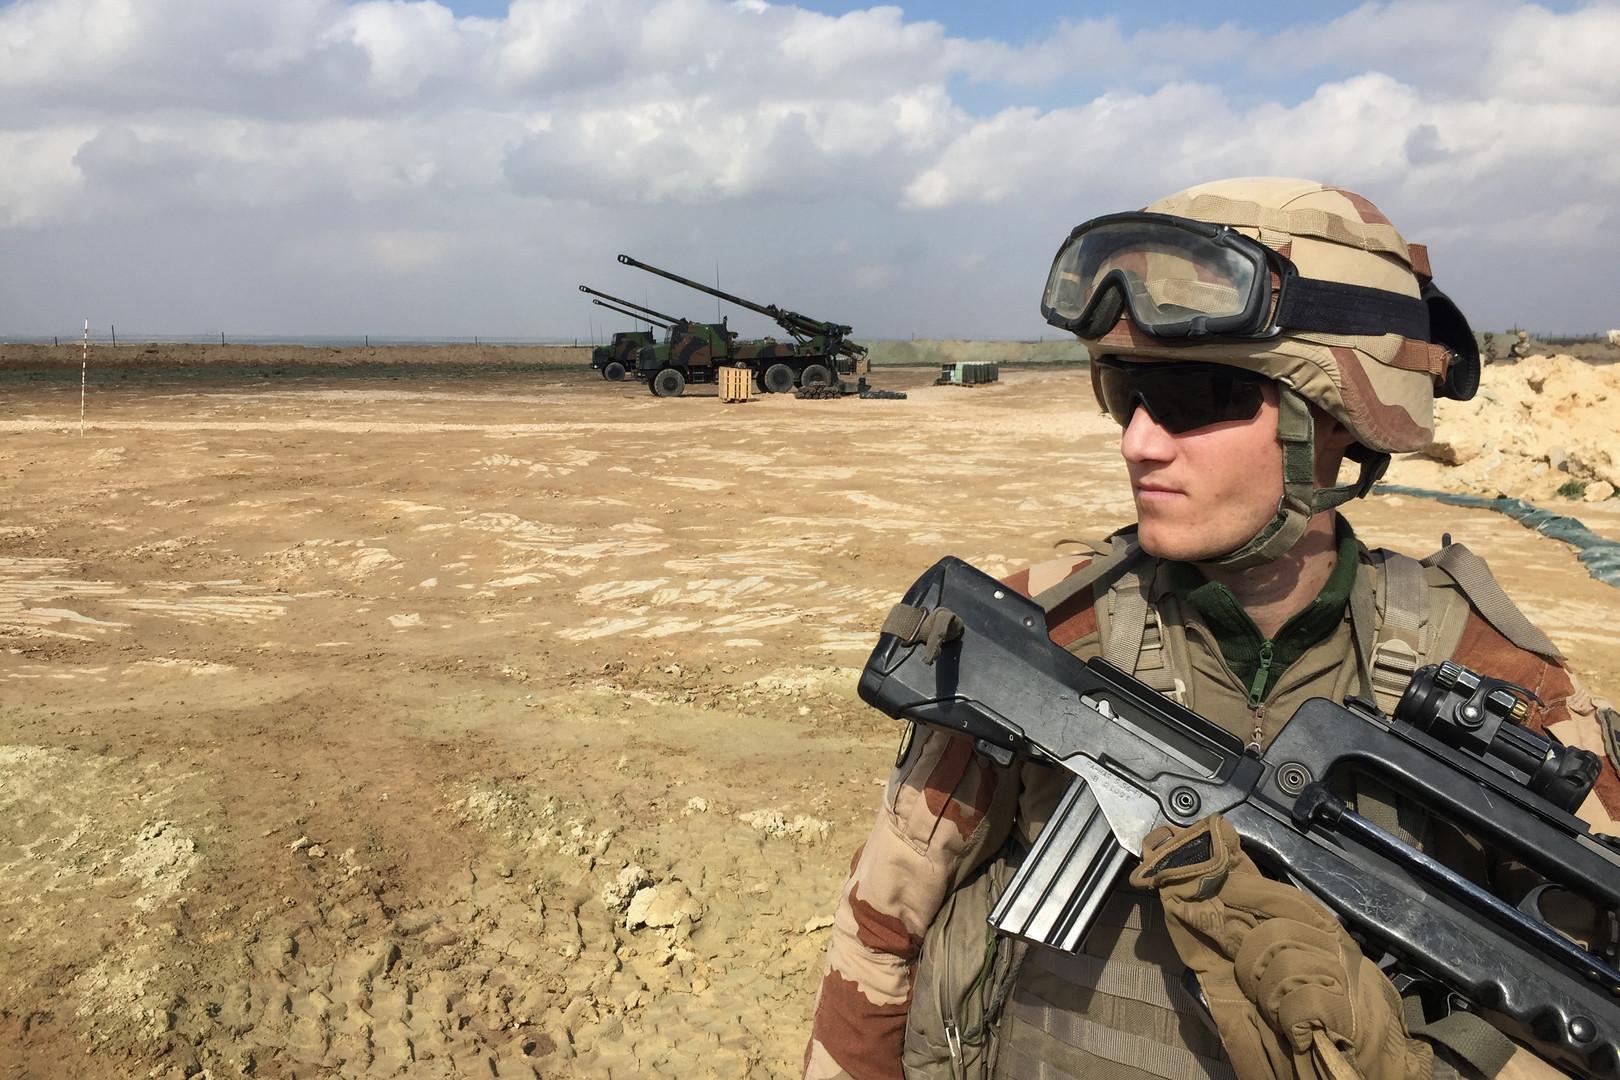 هولاند: سنرسل سلاح مدفعية إلى العراق - صفحة 4 5c602dadd437507c2f8b4610